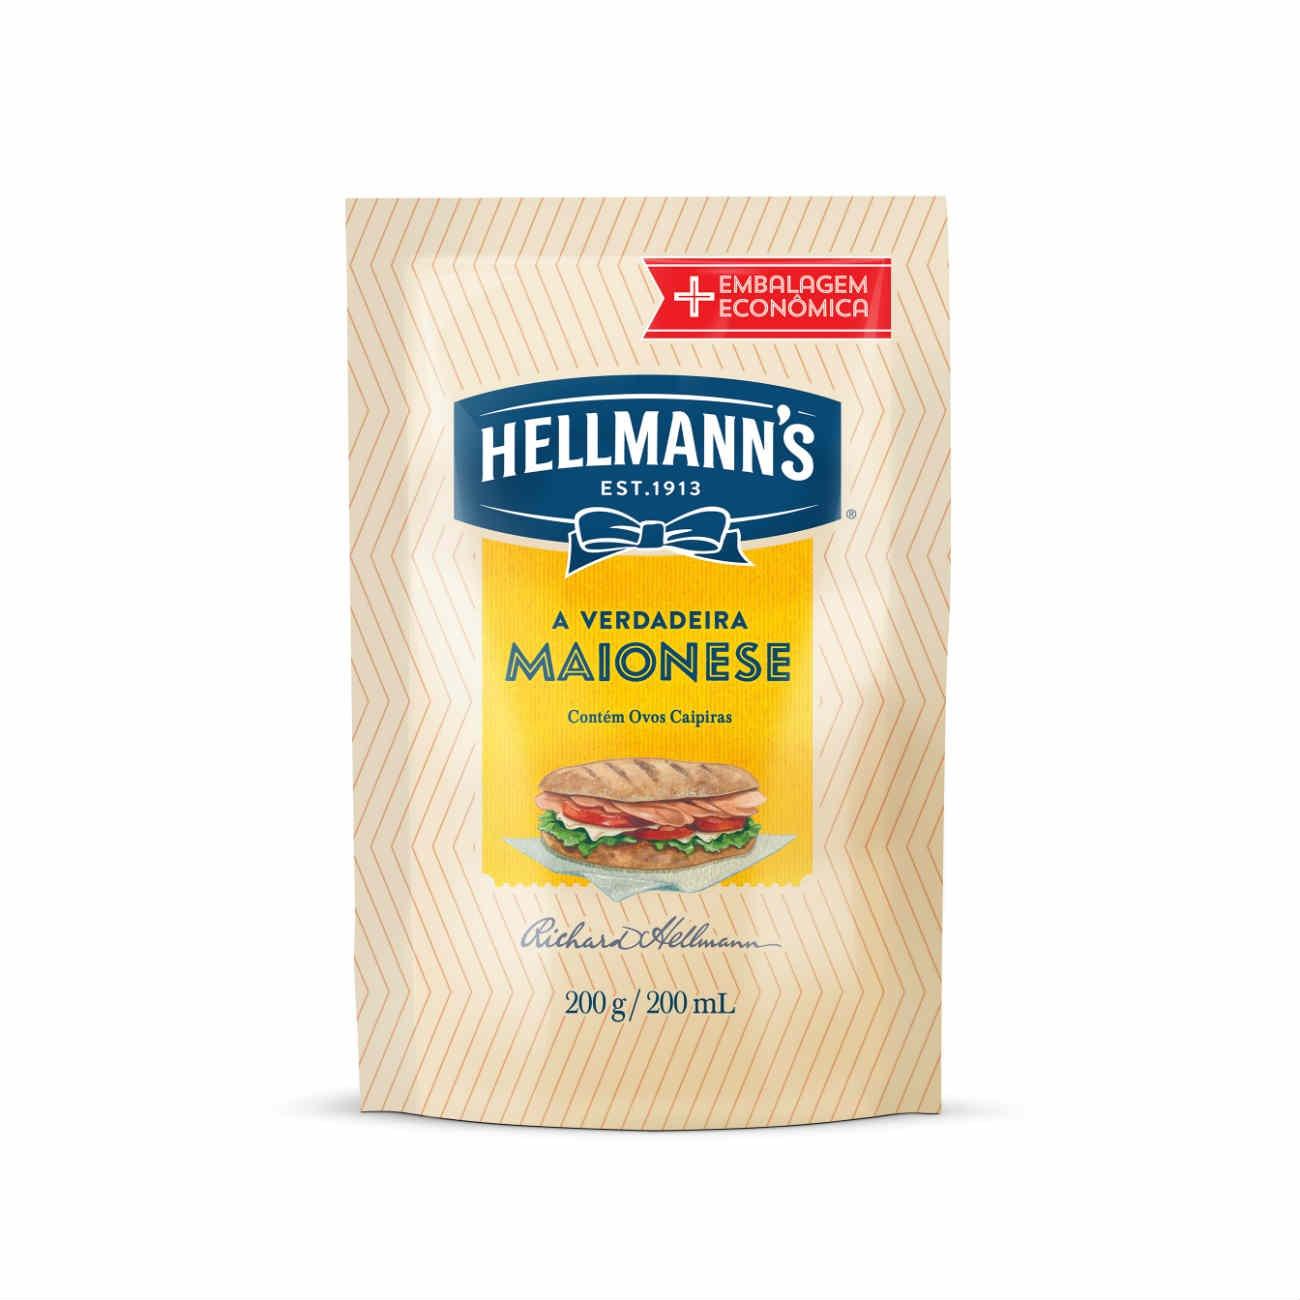 Hellmann's Maionese Tradicional 200g